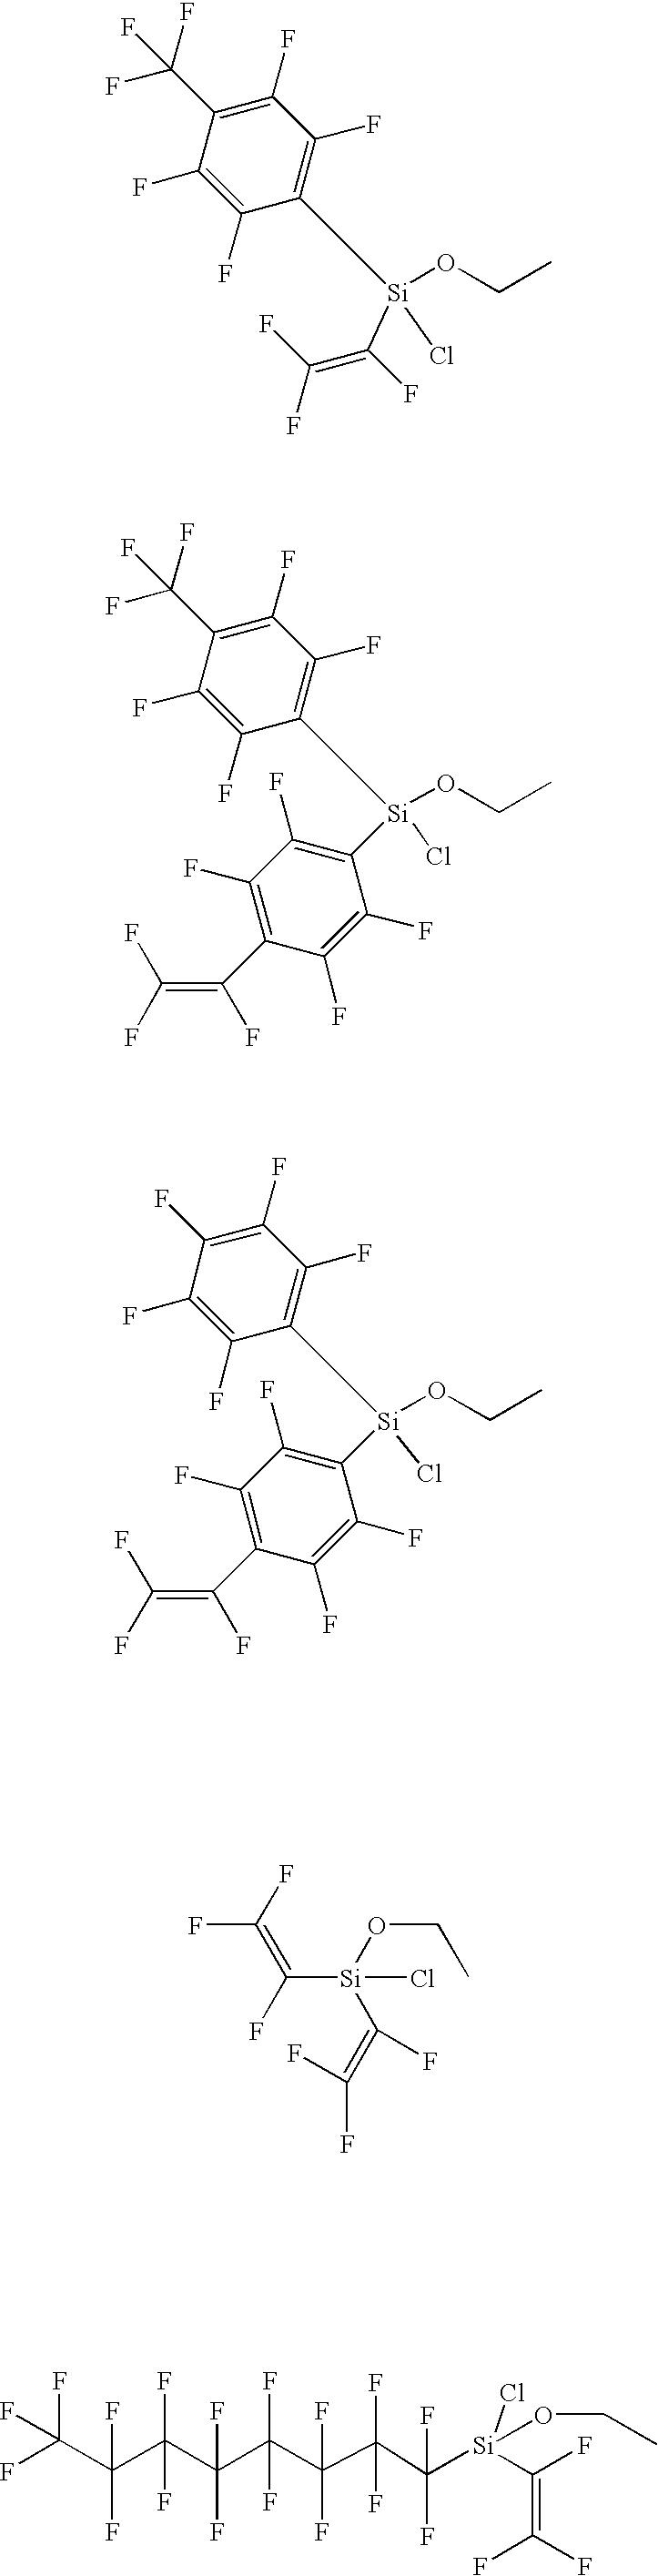 Figure US20030231851A1-20031218-C00013